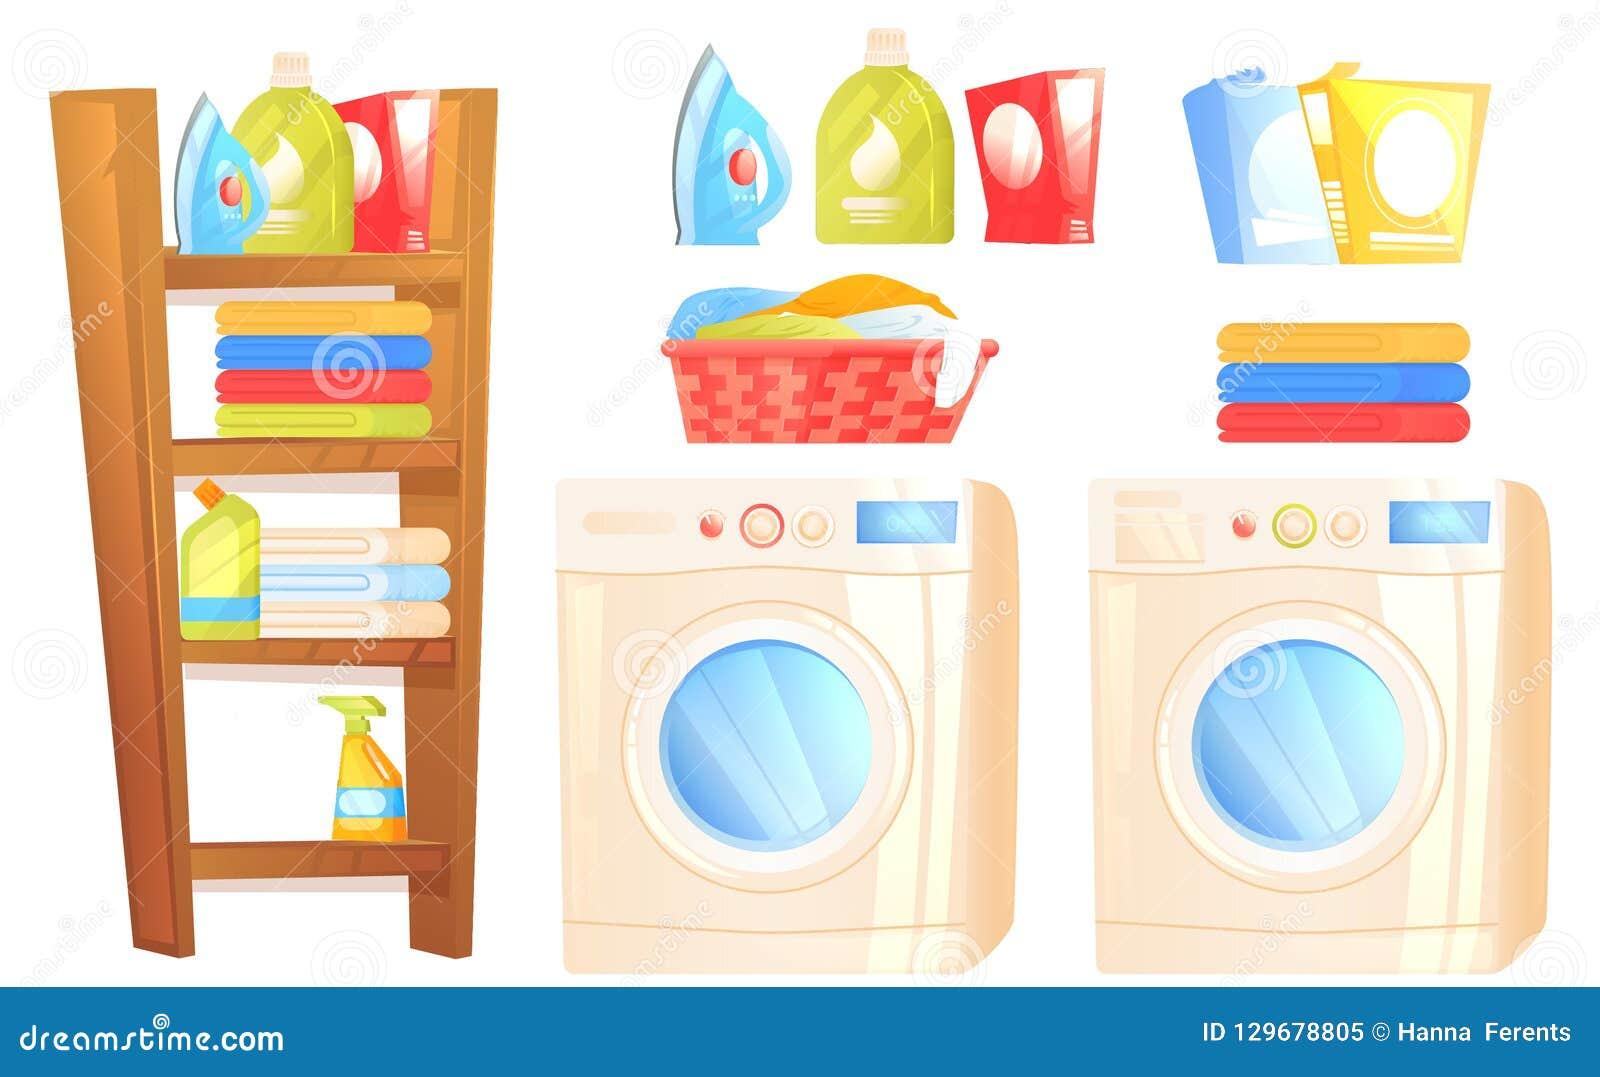 Laundry Furniture Object  Washer Machine, Iron, Washing Powder